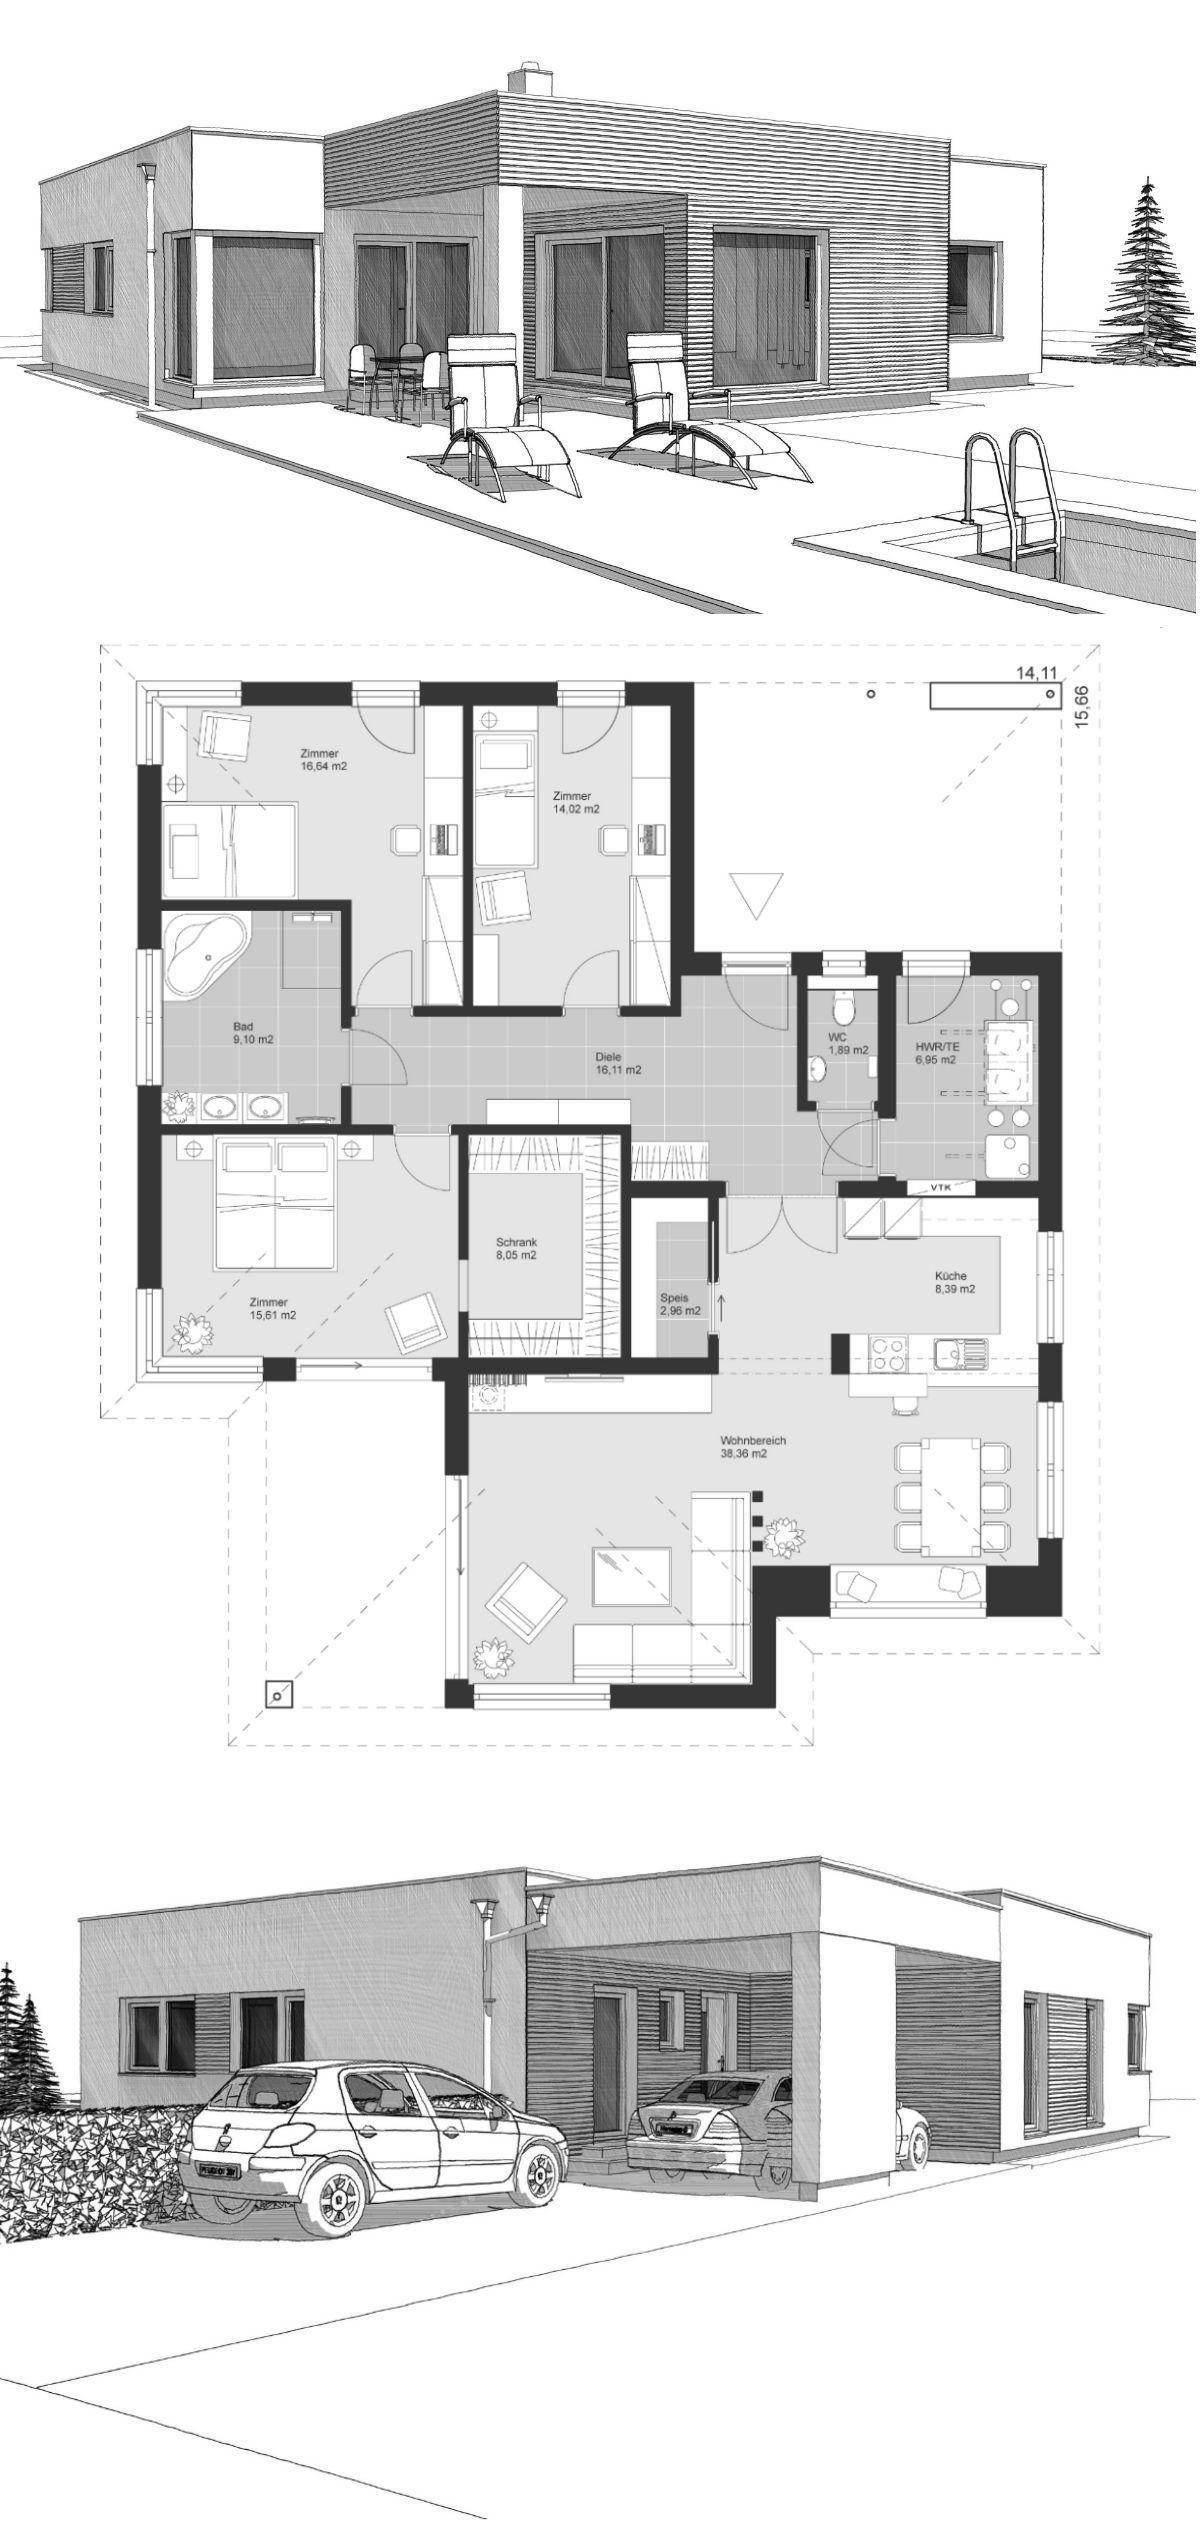 Bungalow Haus modern & minimalistisch mit Flachdach Architektur im Bauhausstil, Grundriss barrierefrei 140 qm - Winkelbungalow bauen Ideen ELK Bungalow 140 von ELK Fertighaus - HausbauDirekt.de #arquitectonico